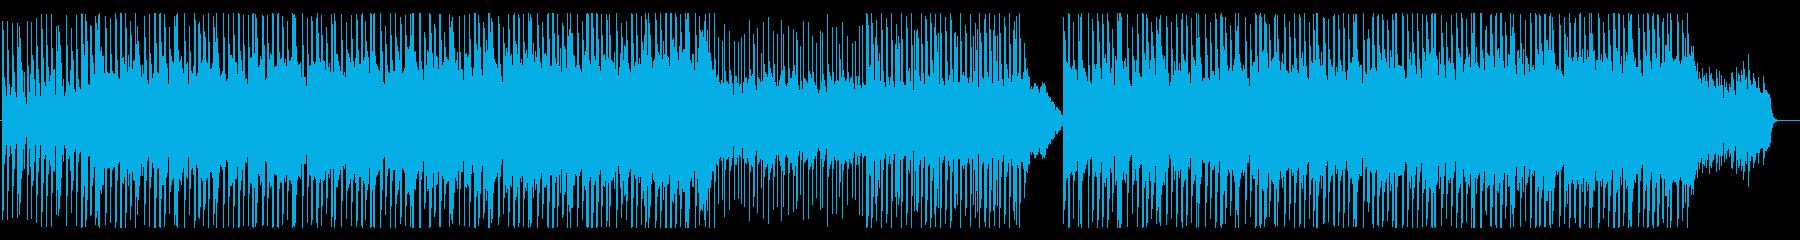 クールなハウス3の再生済みの波形